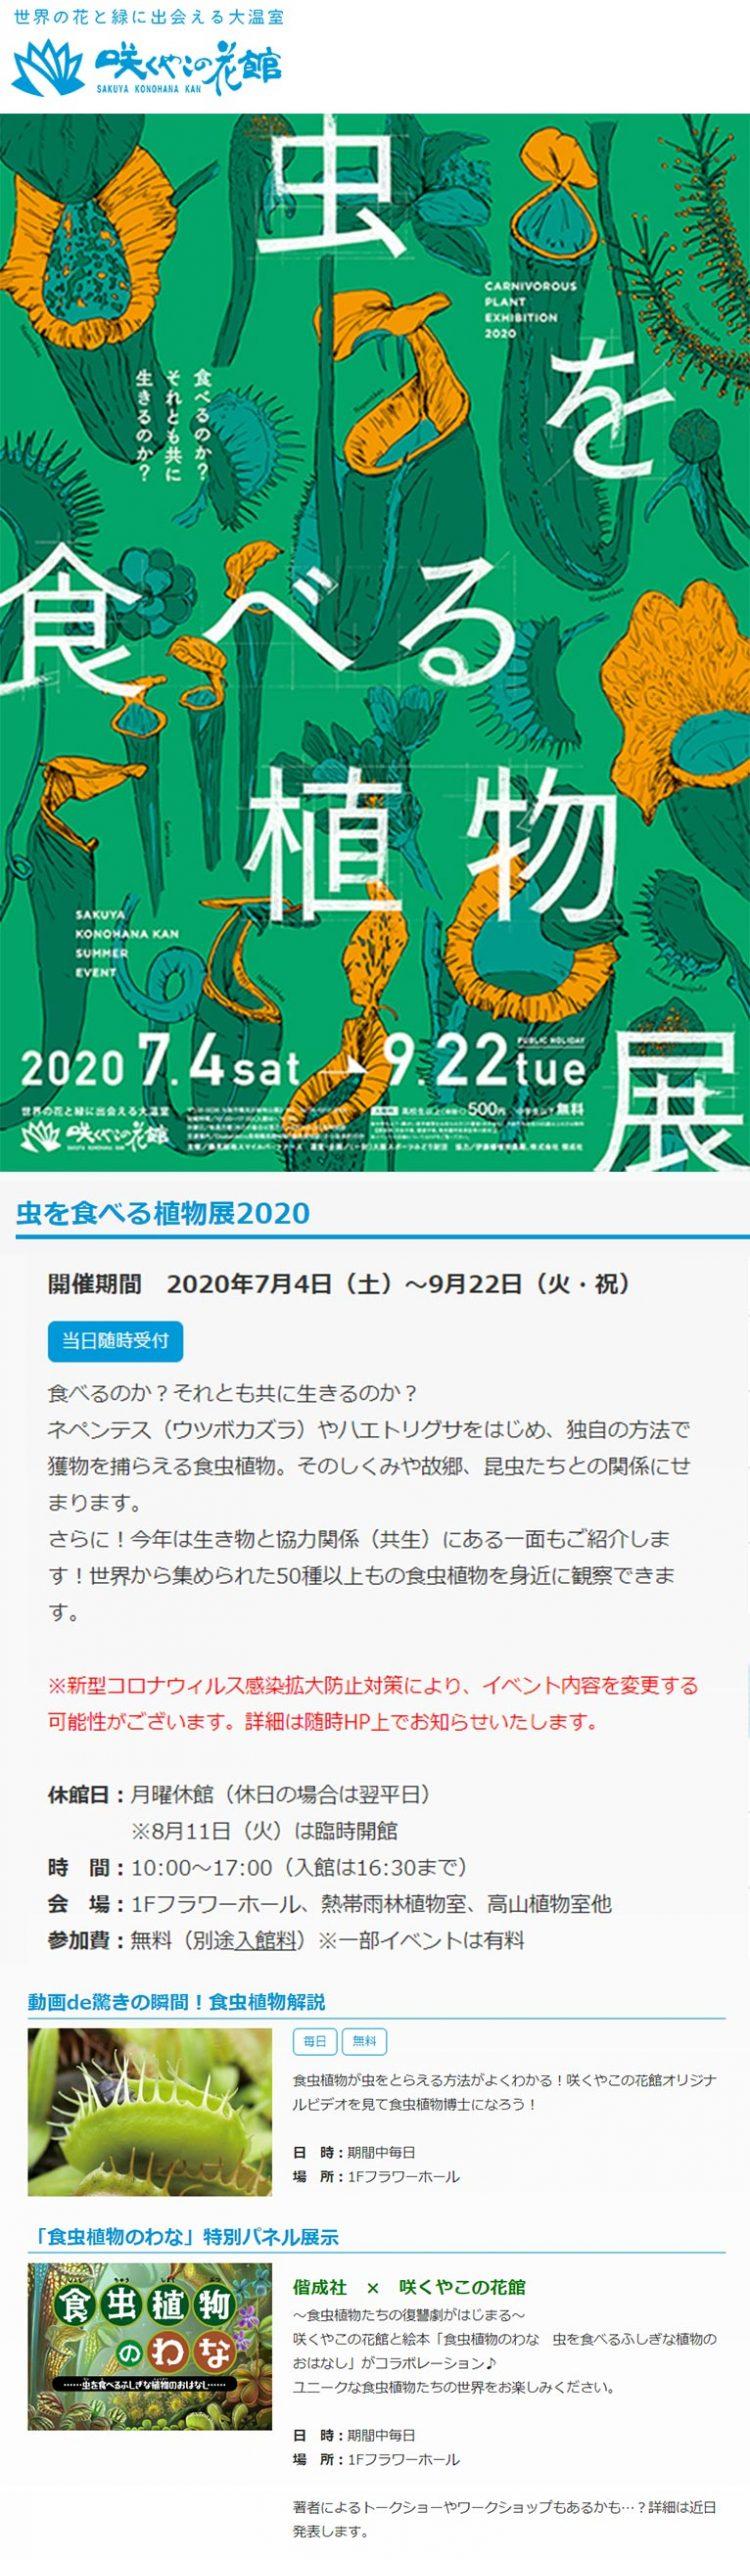 2020年7月4日~9月22日 虫を食べる植物展2020 咲くやこの花館